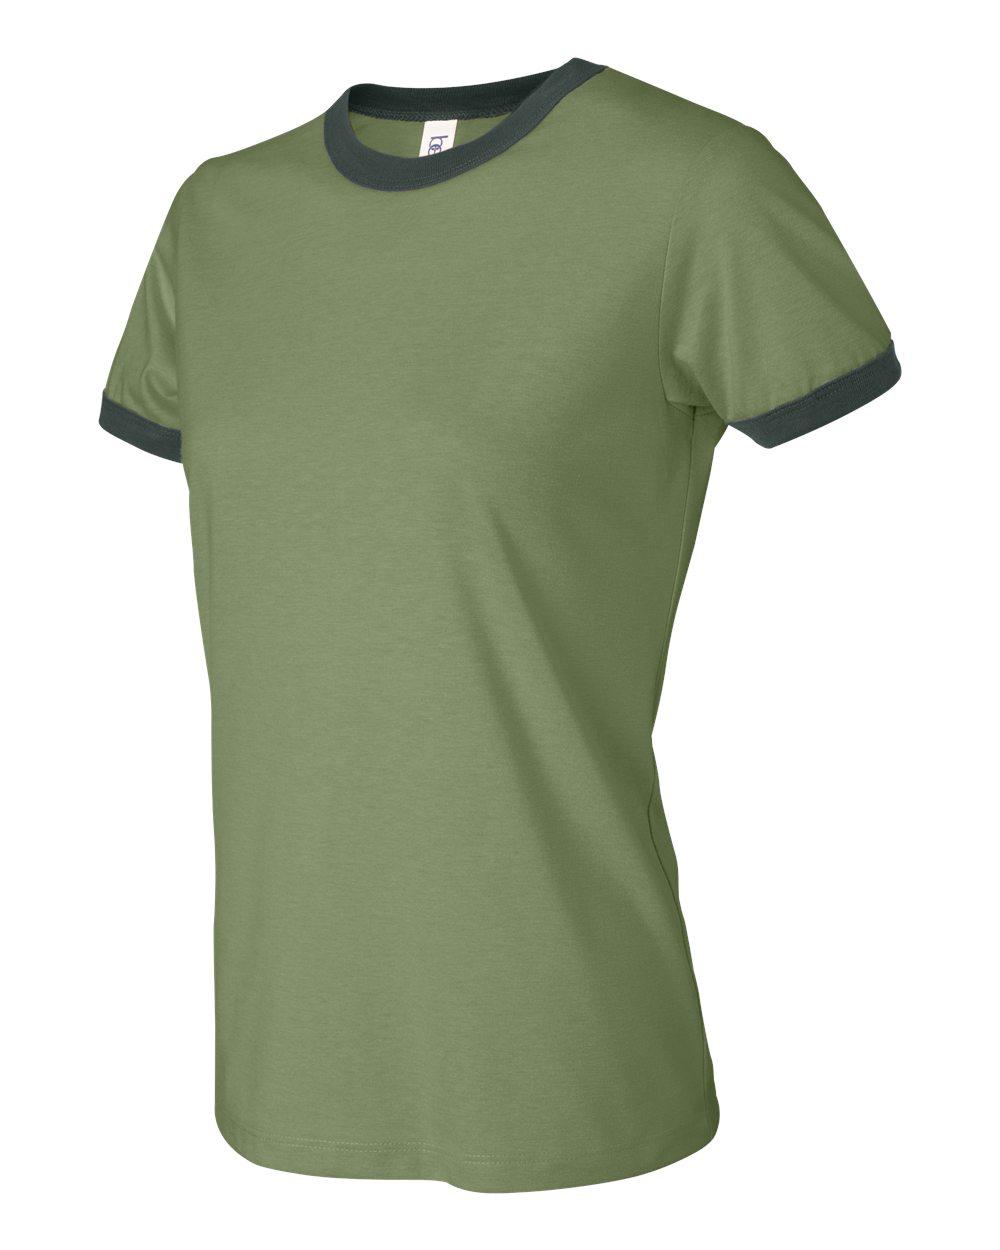 Bella-Canvas-Women-039-s-Jersey-Short-Sleeve-Ringer-T-Shirt-B6050-S-2XL thumbnail 3